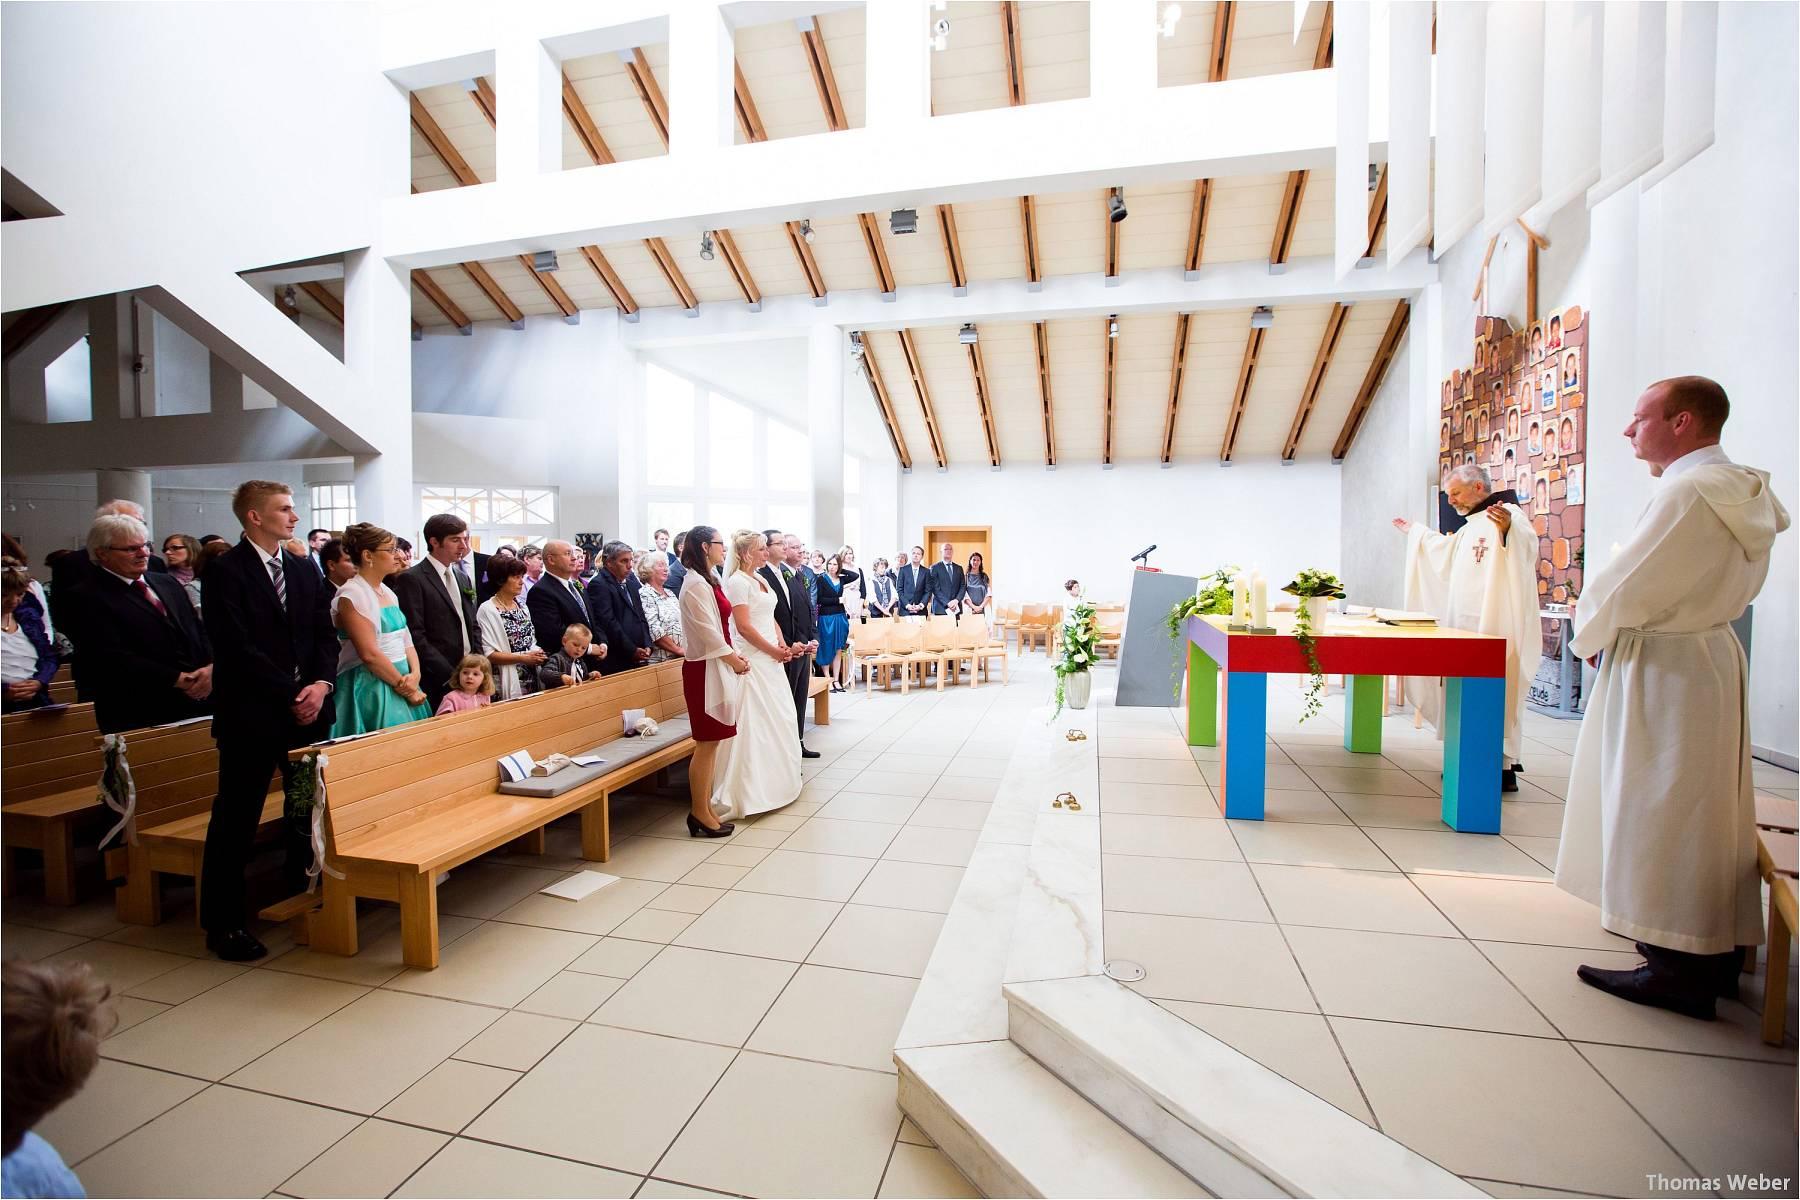 Hochzeitsfotograf Oldenburg: Hochzeit in der Keramikscheune Spickendorf in Halle an der Saale (31)